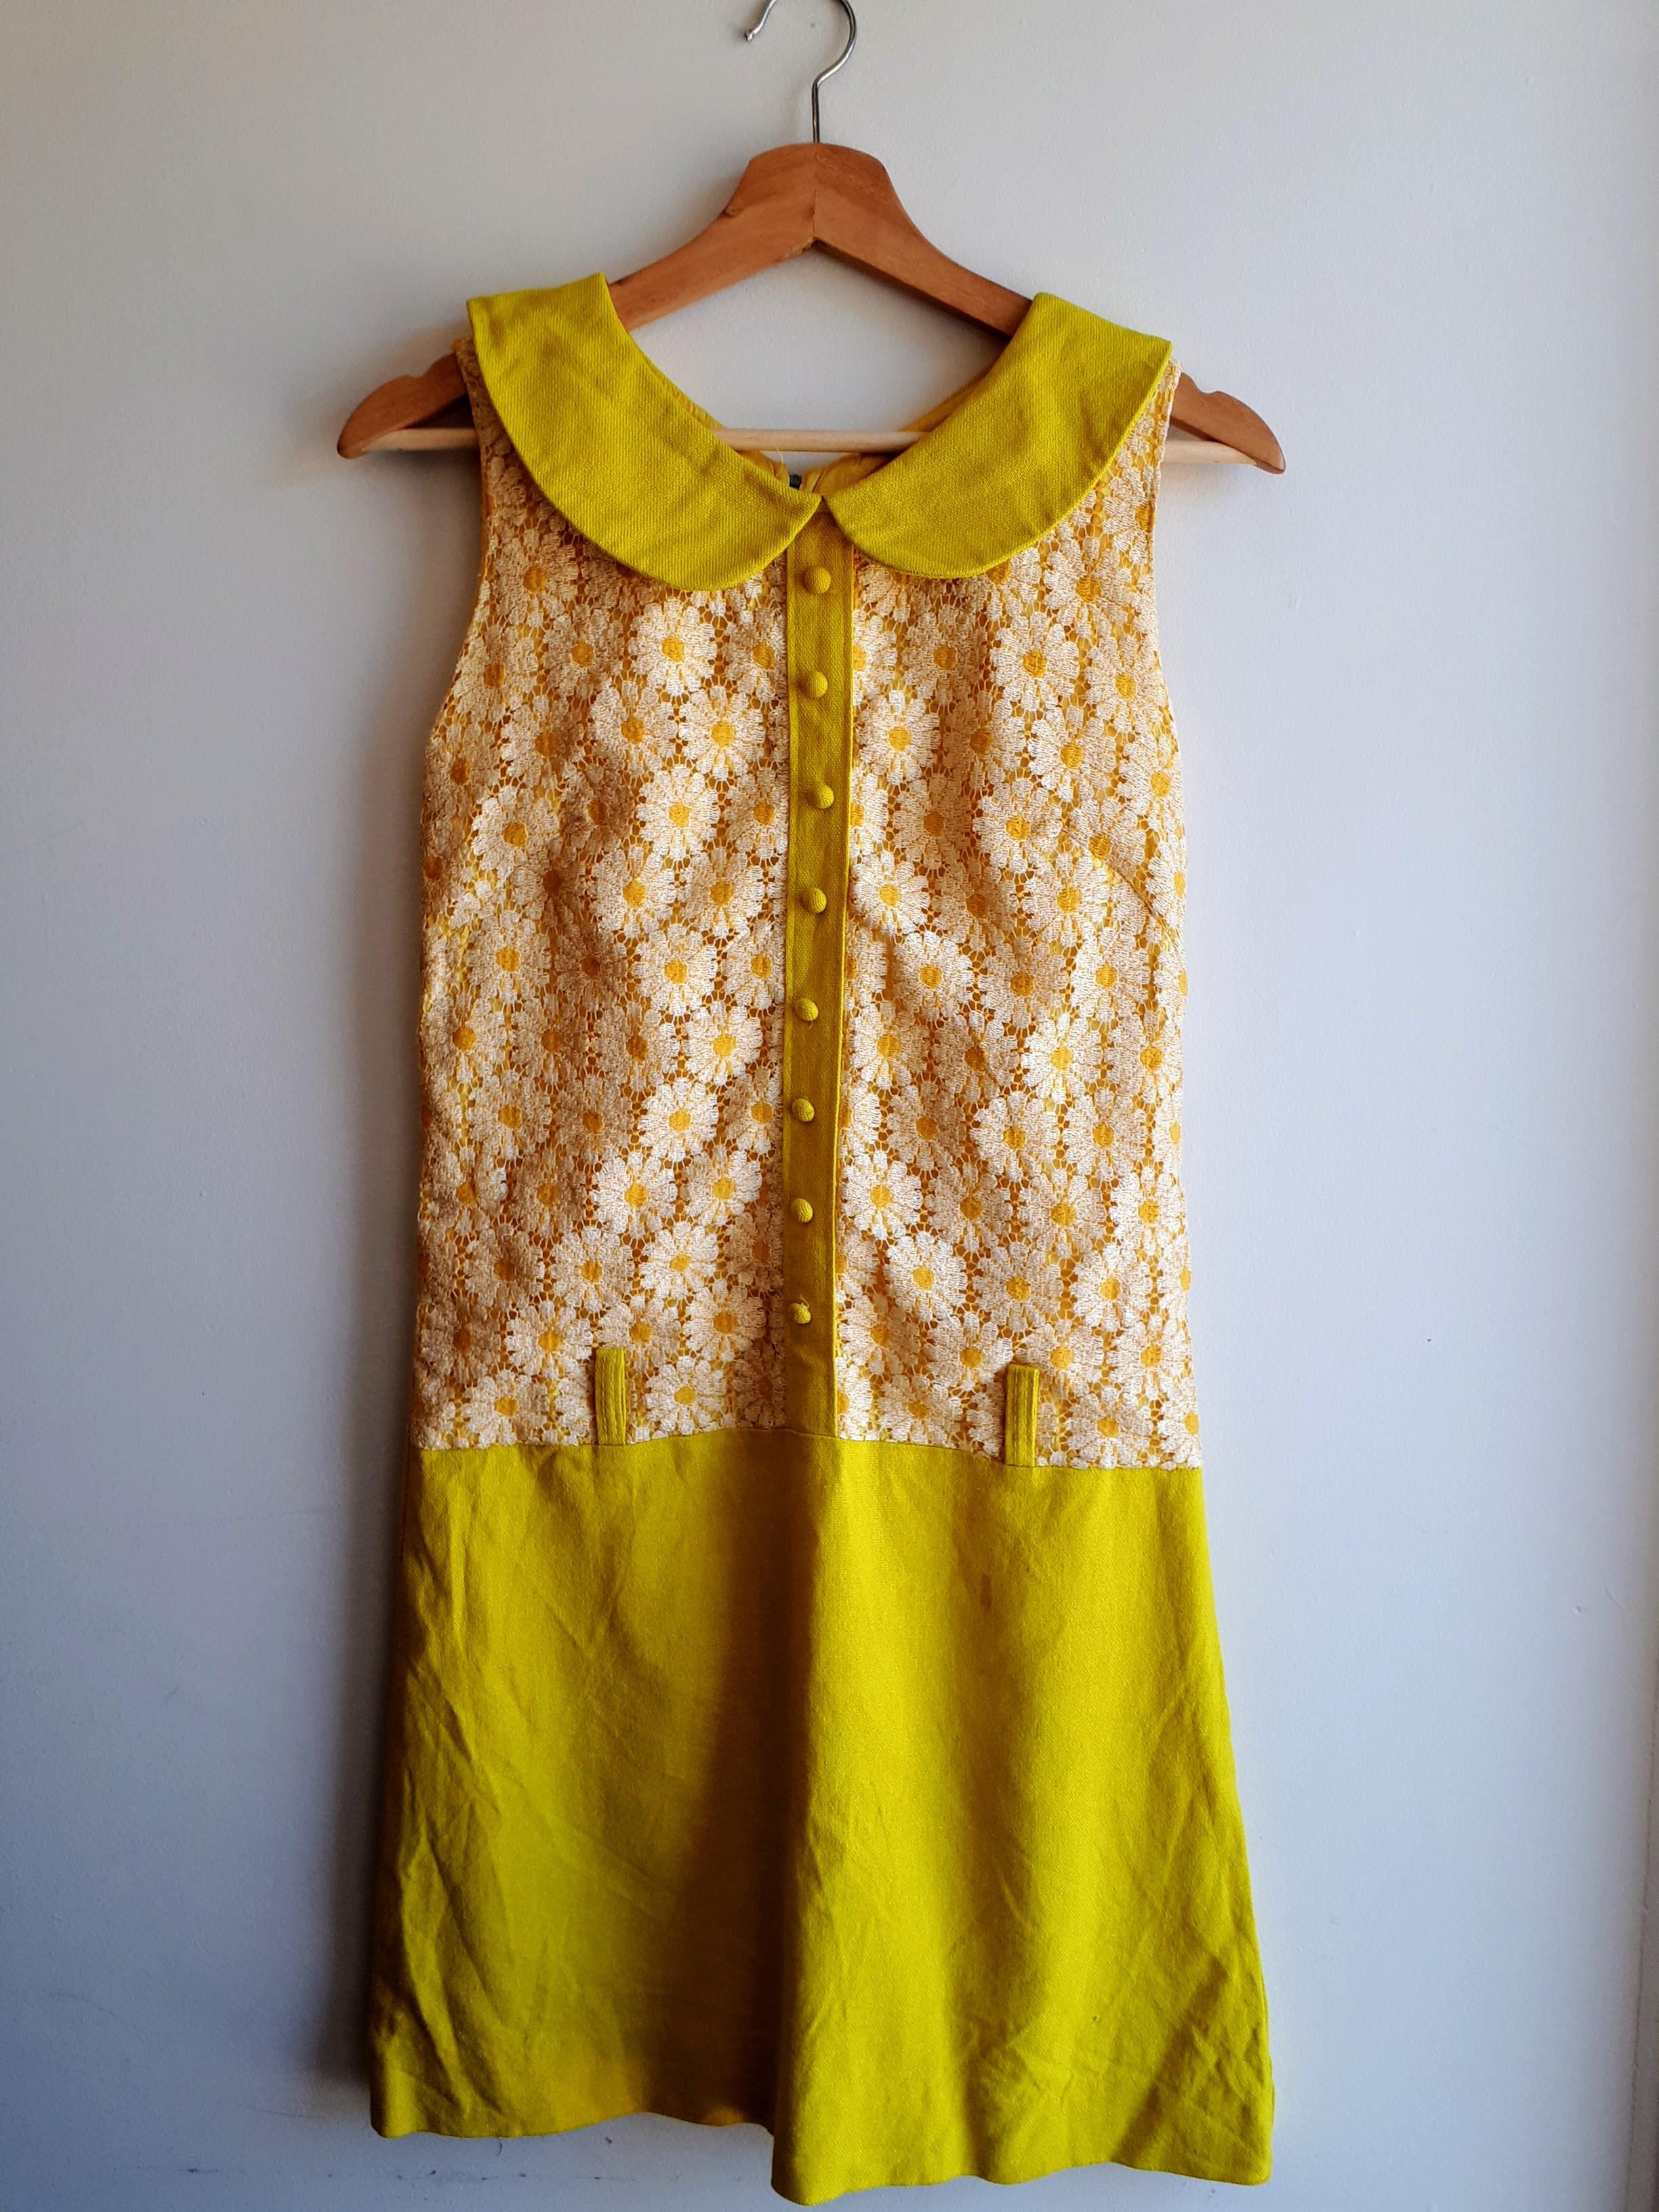 Zazzie dress; Size S, $26